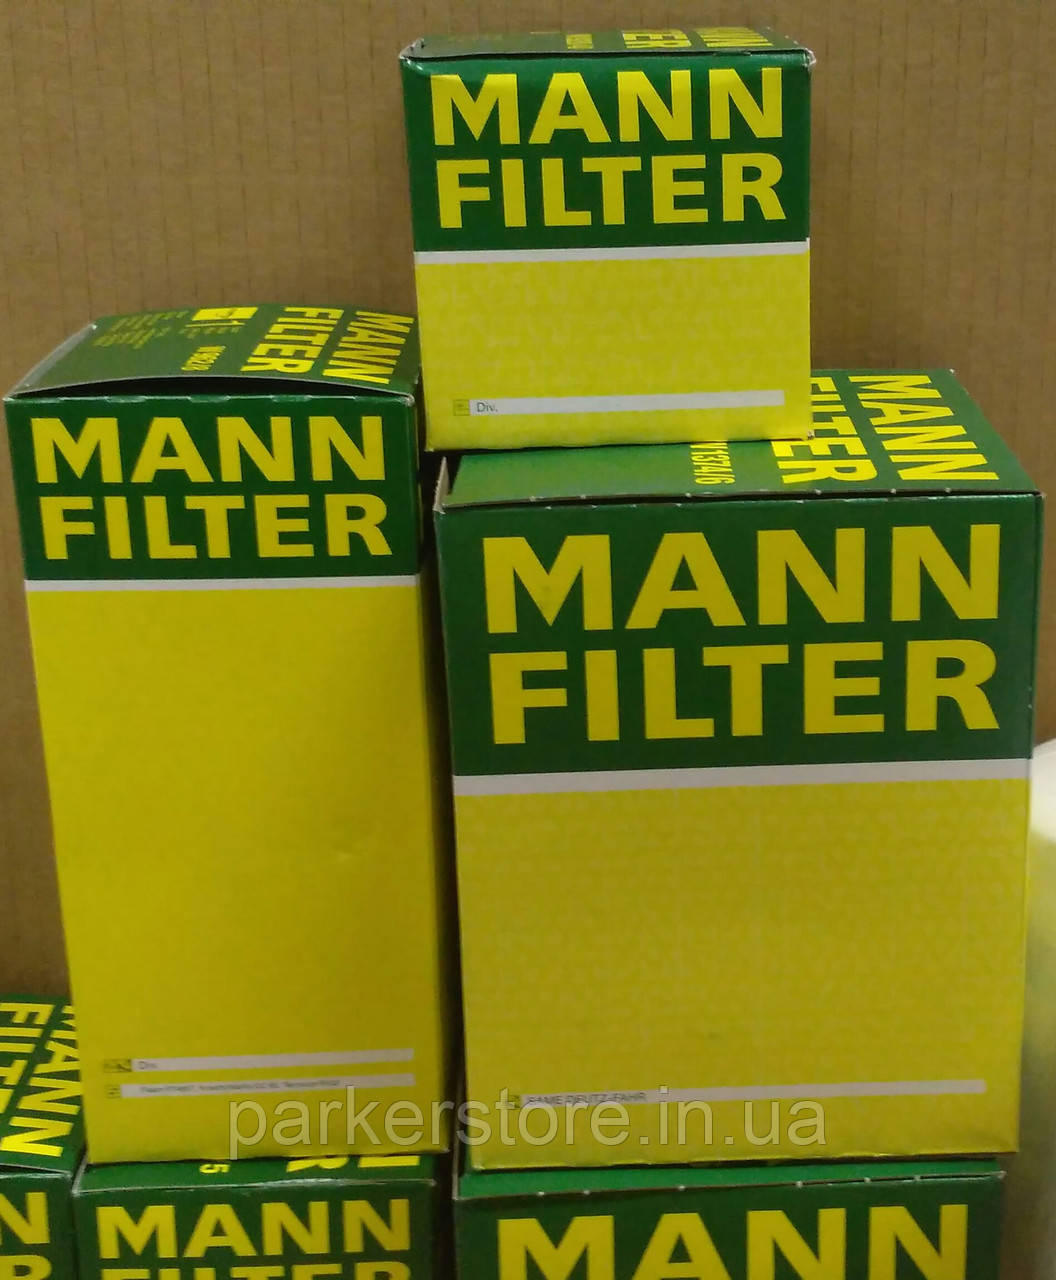 MANN FILTER / Повітряний фільтр / C 25 015 / C25015